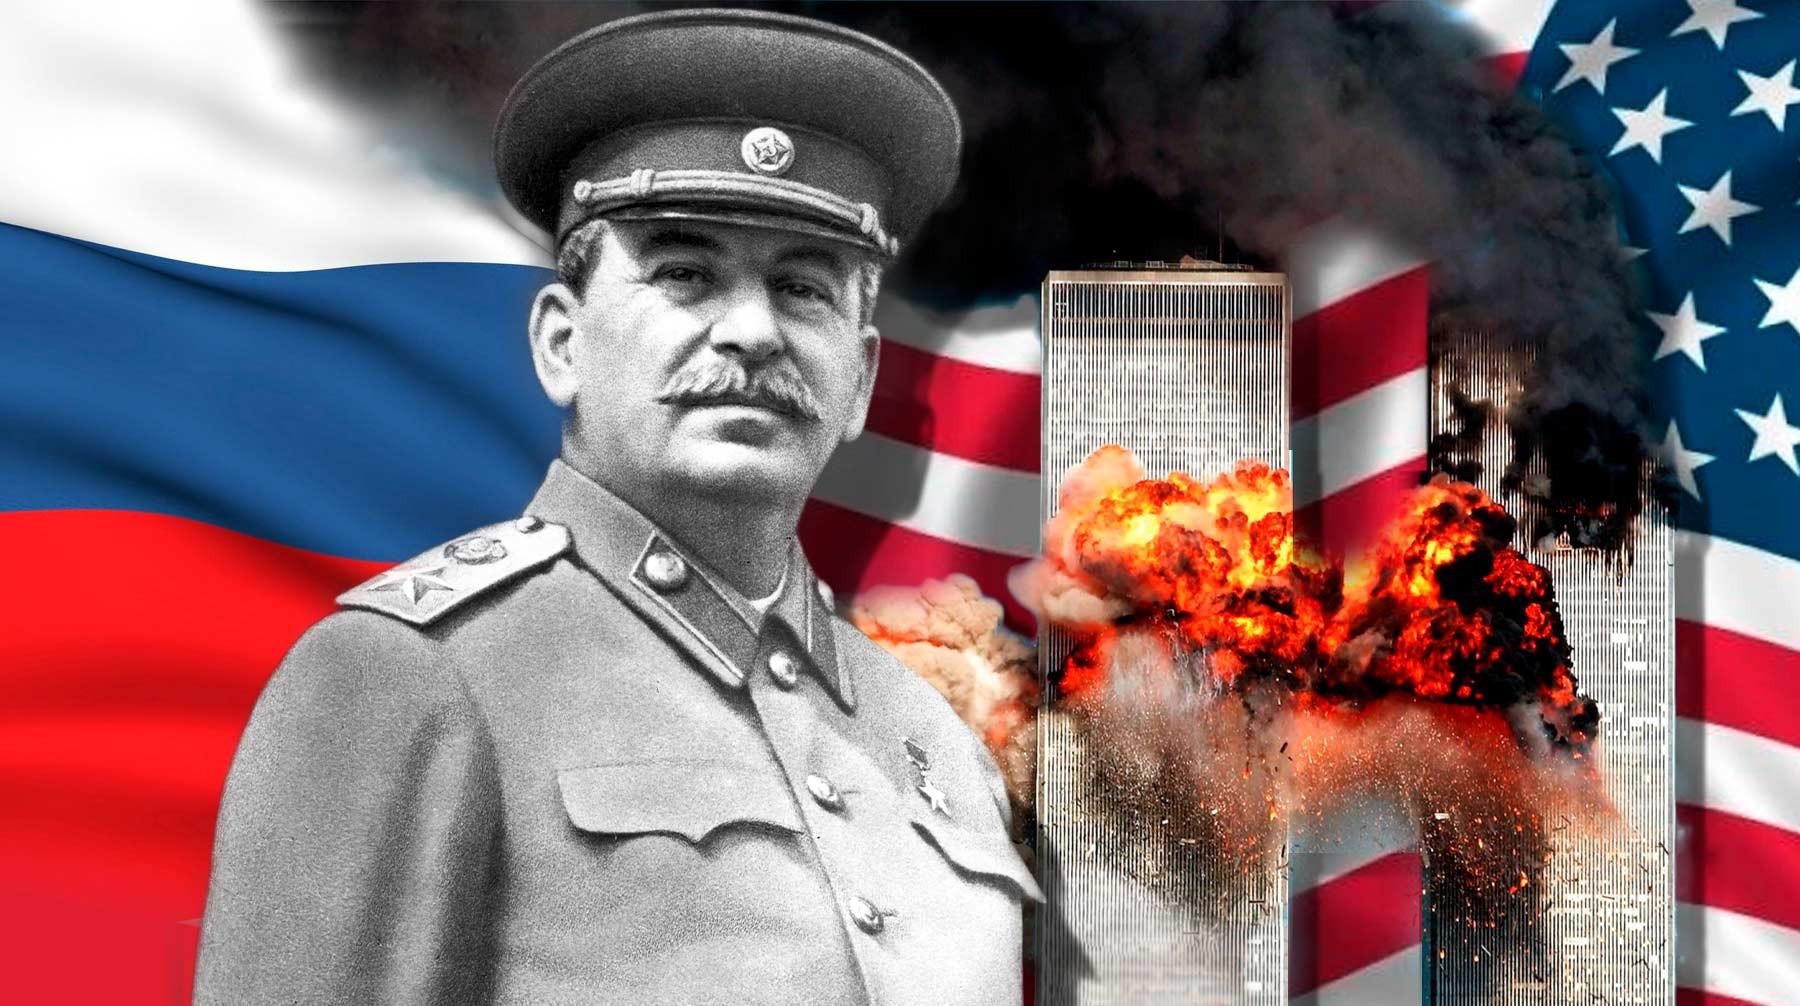 Американский солдат: Для нас война с терроризмом — как для русских Великая Отечественная — Daily Storm